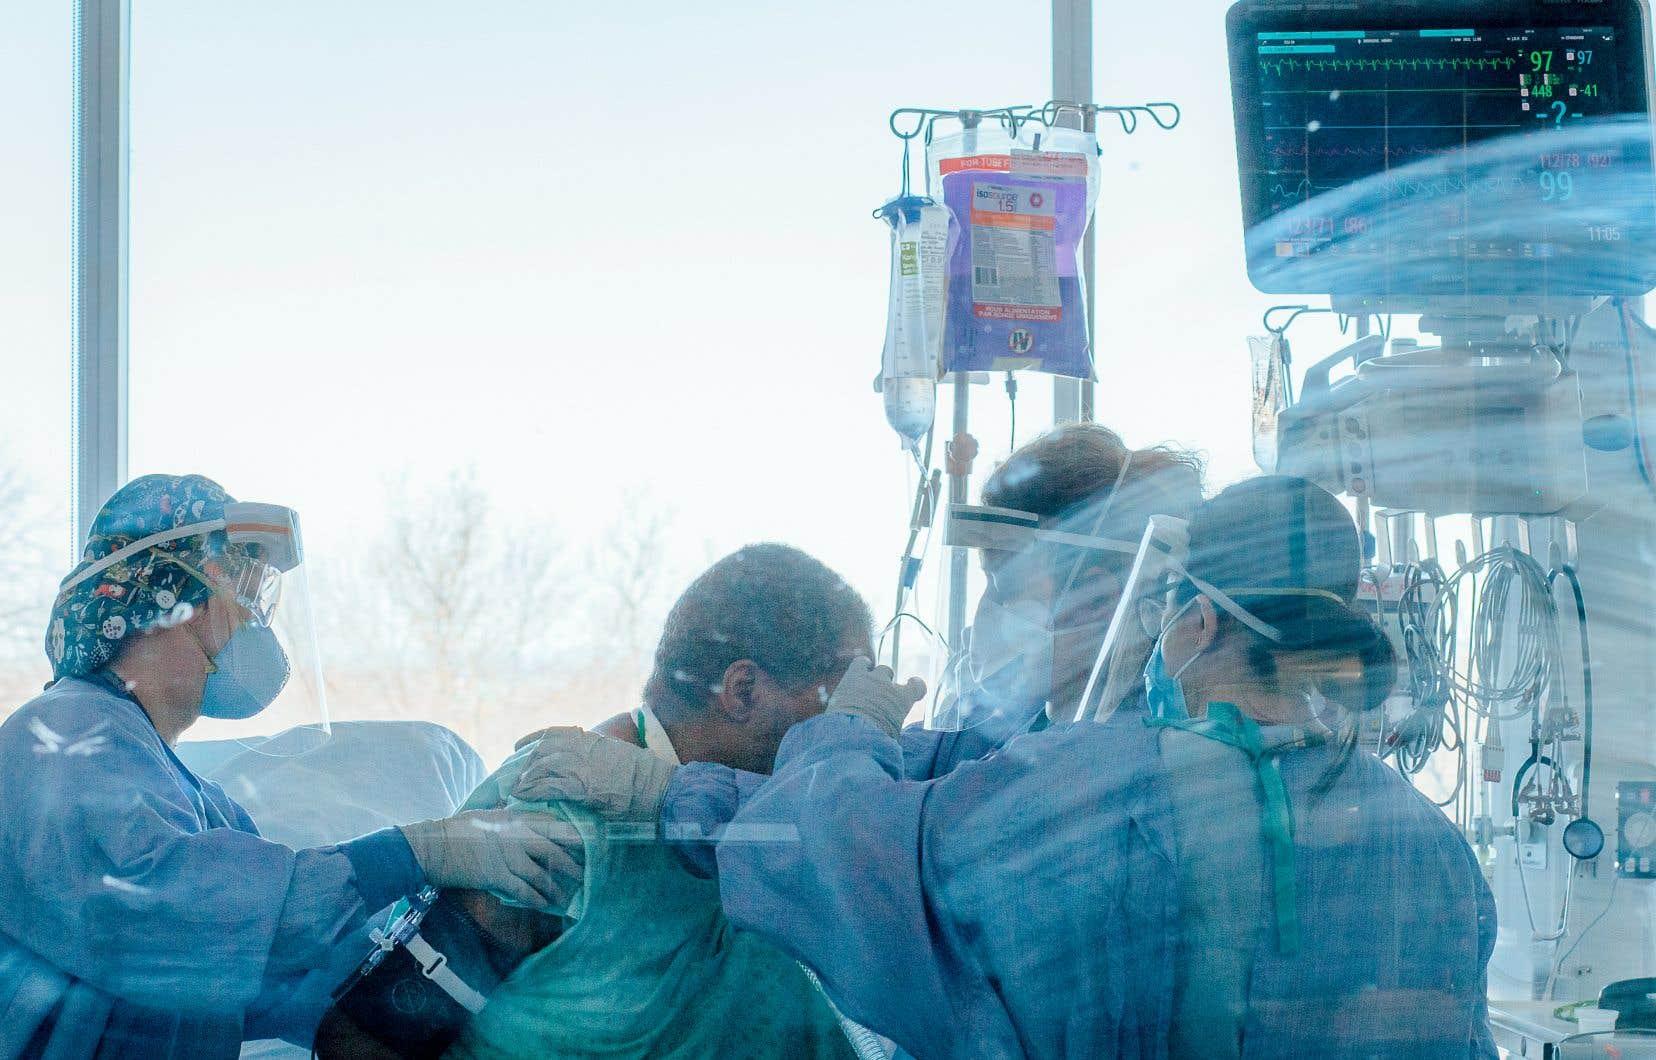 Deux infirmières et un inhalothérapeute interviennent auprès d'un patient à l'Hôpital général juif de Montréal. La vie des professionnels de la santé a été bousculée par l'arrêté 007 qui a suspendu leurs conventions collectives.